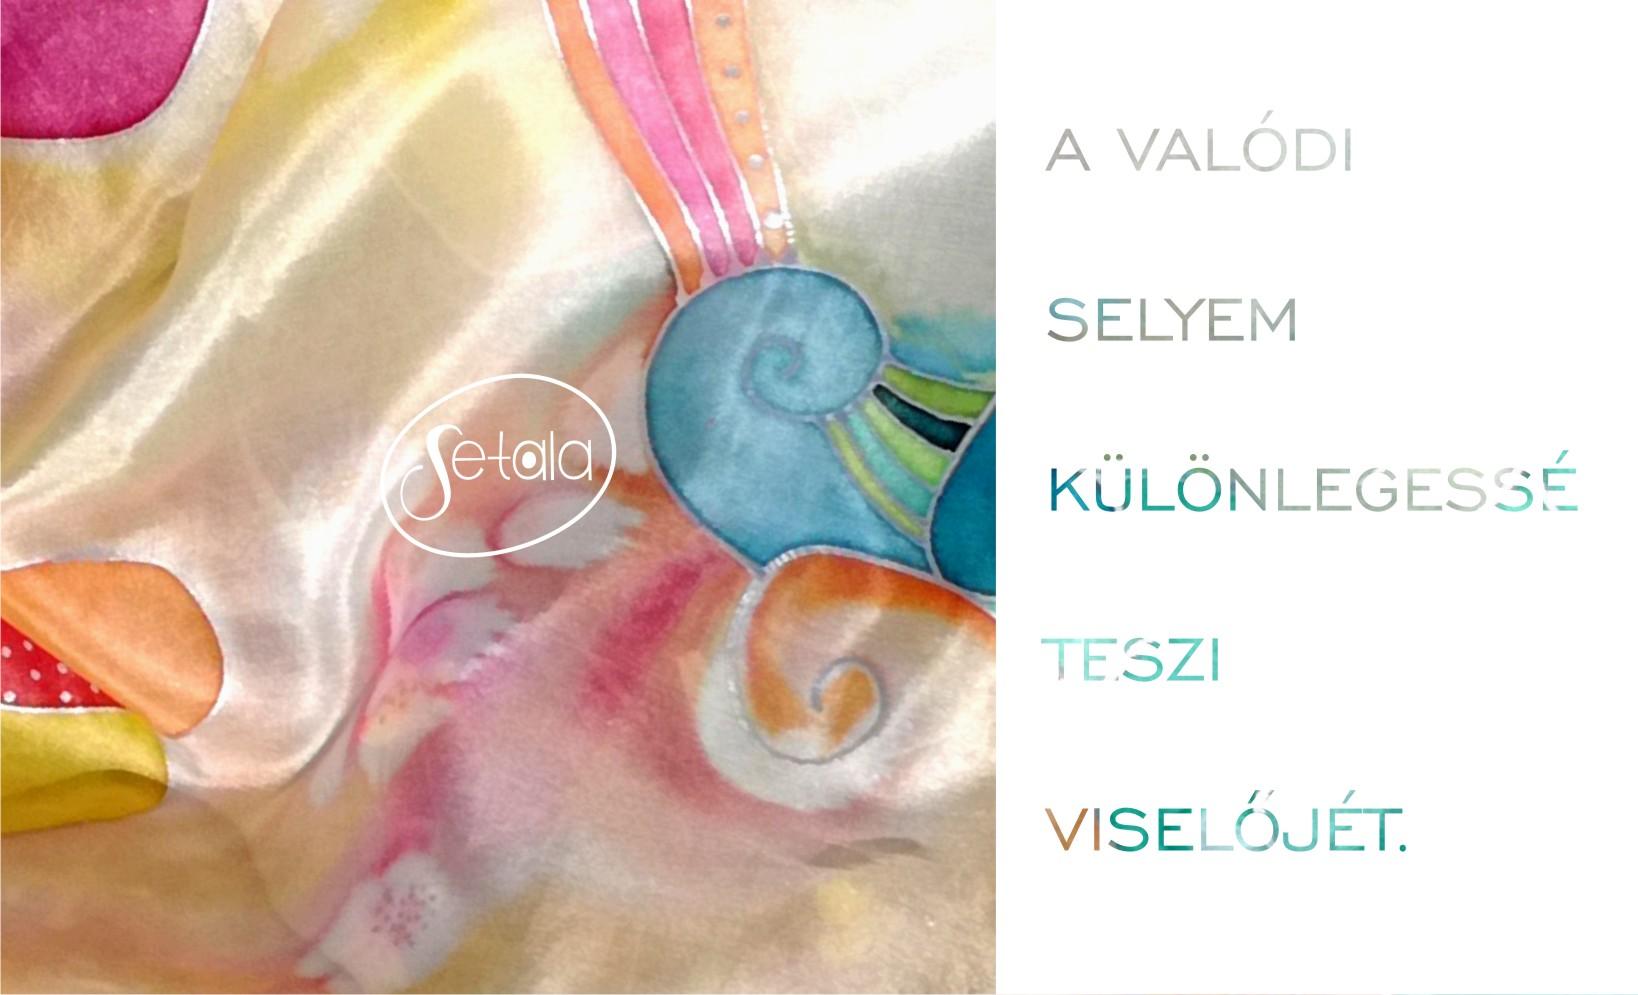 A_valódi_selyem1